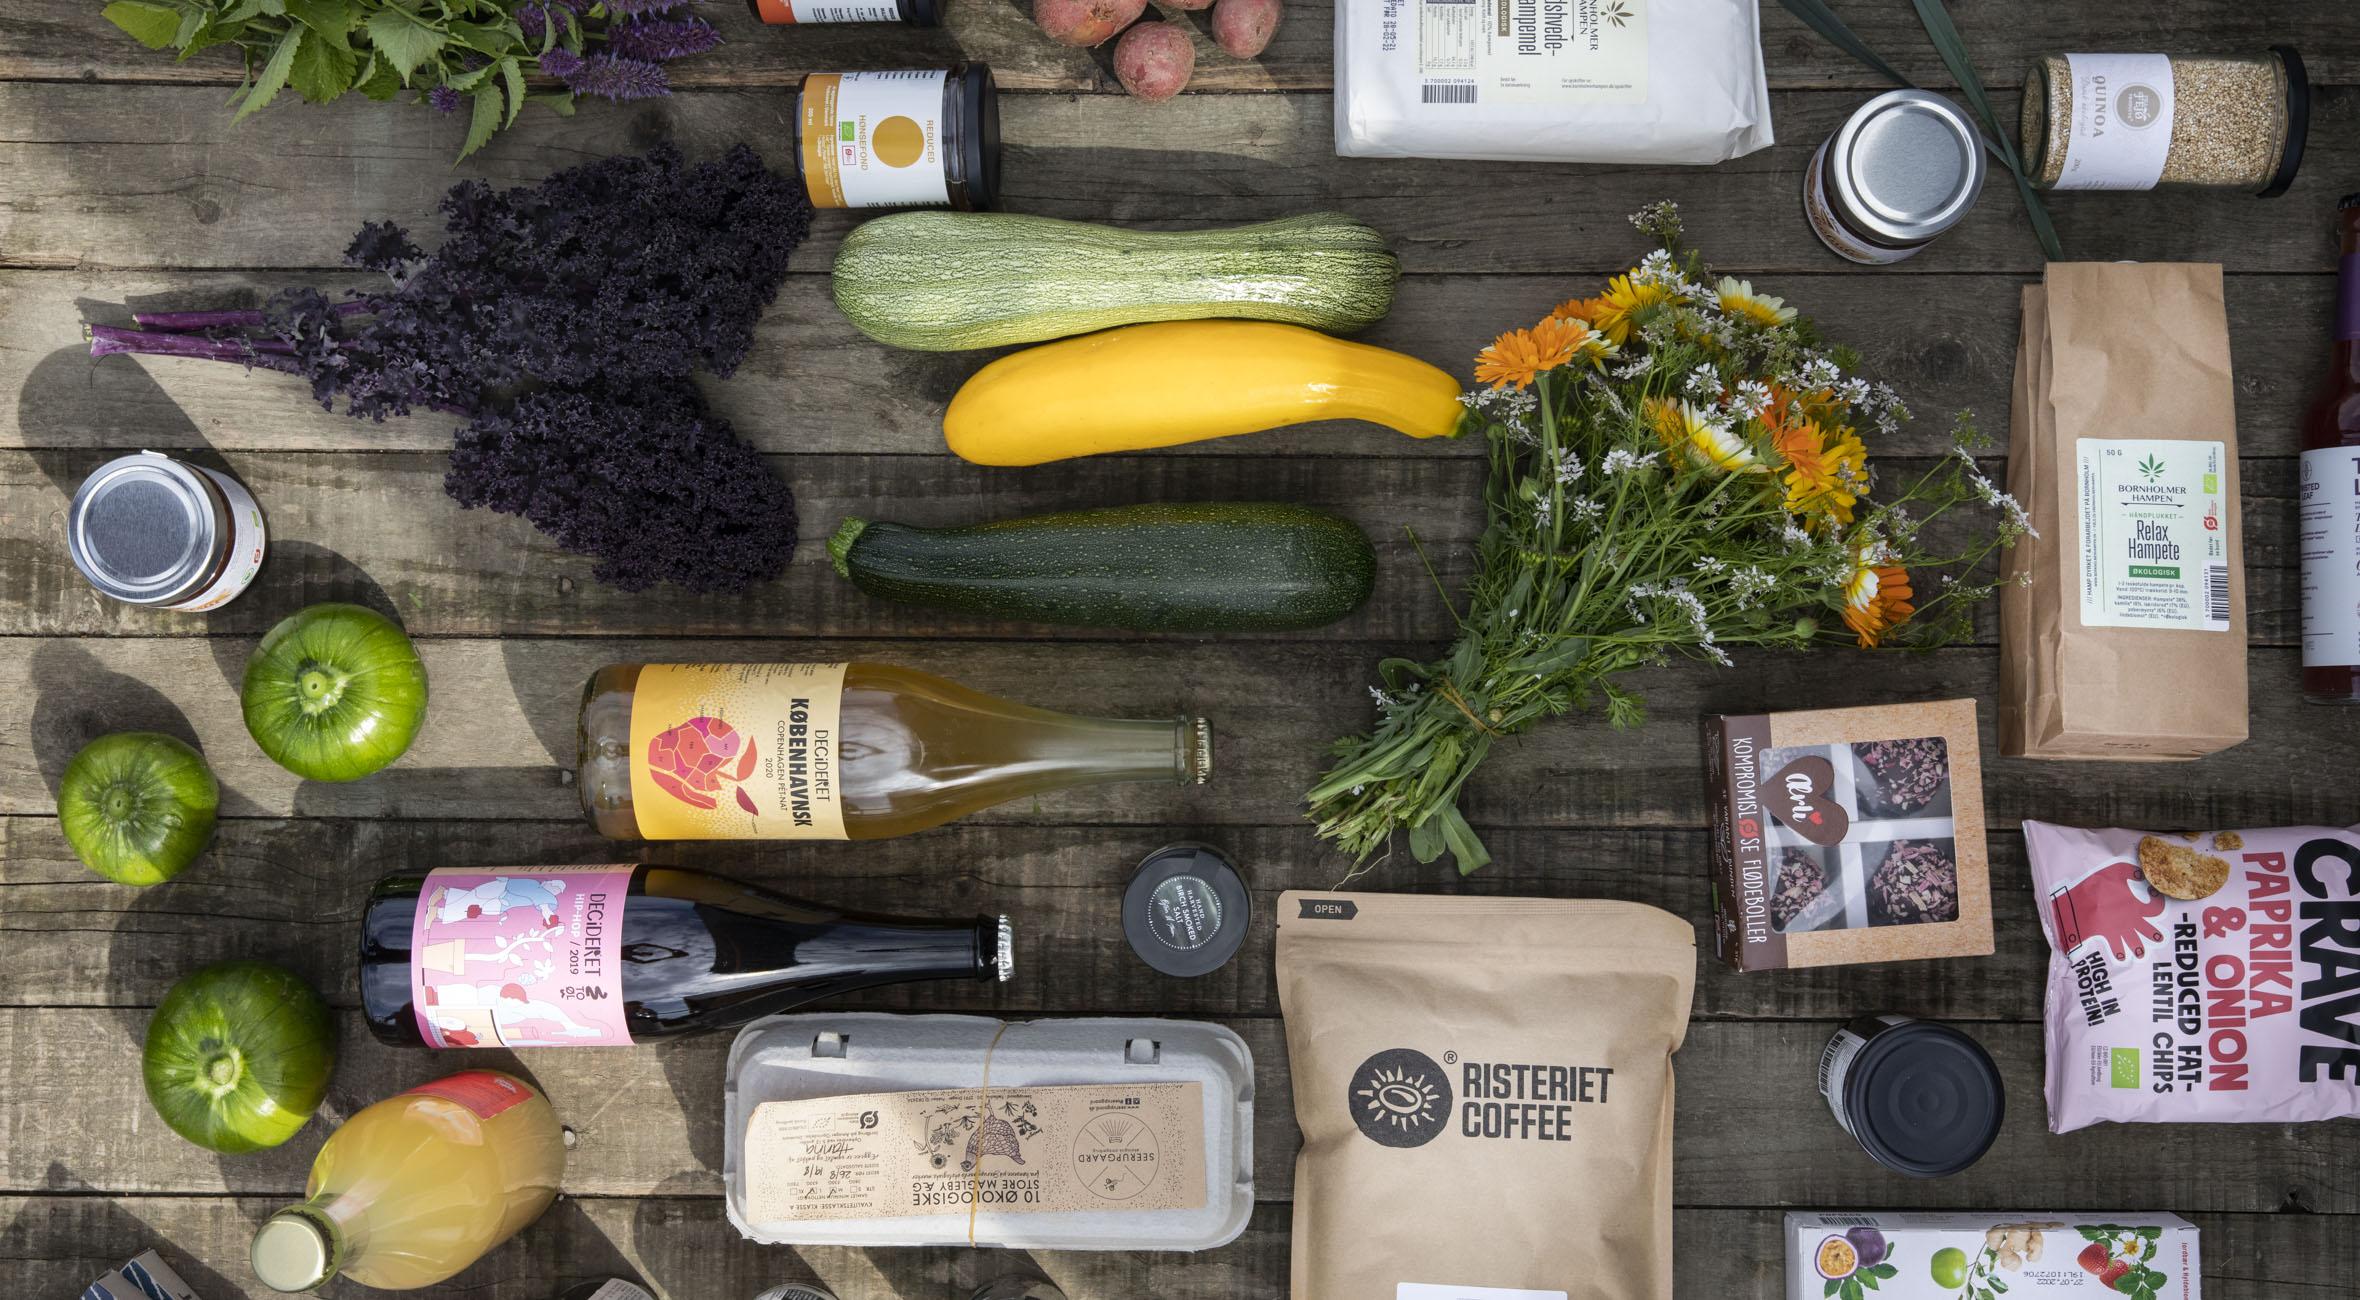 Frit valg til alt hos Økoskabet – Nyt koncept trækker overskrifter! Få alt fra friskristede kaffebønner til nødder, kombucha, chokolade, spiritus, æg og friskt grønt fra markerne